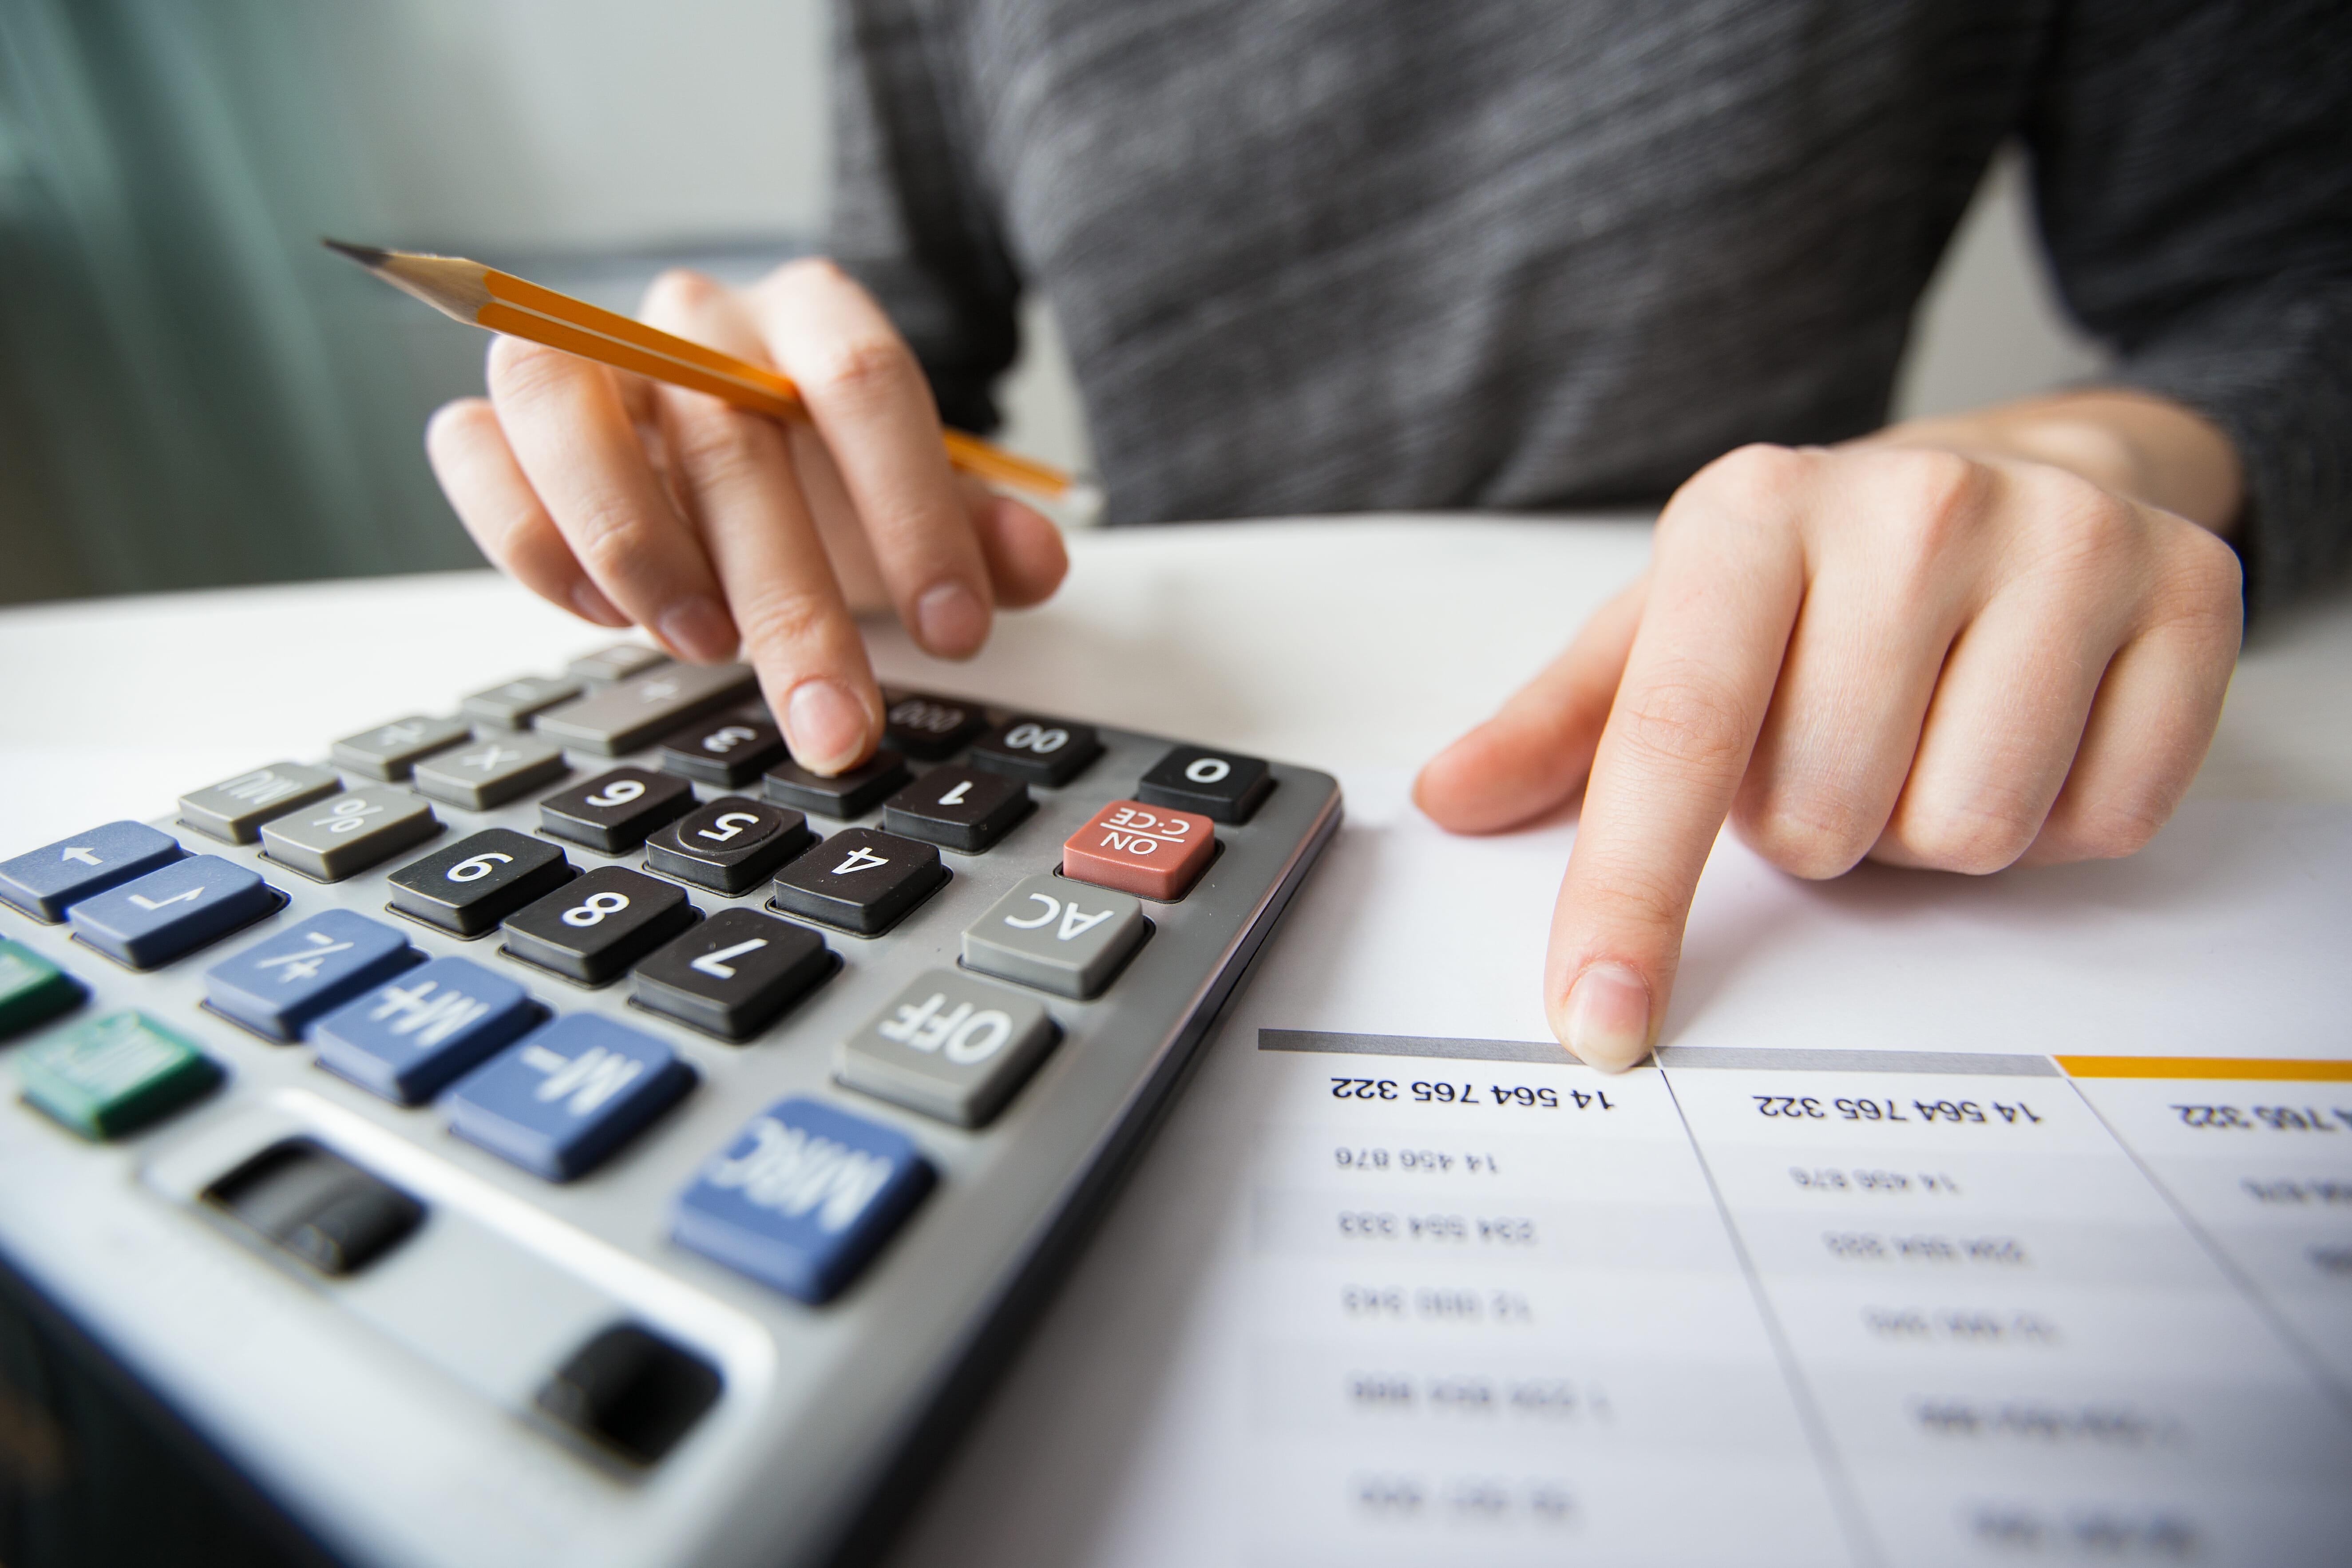 hypotheek check ontdek nu wat er direct beter zou kunnen